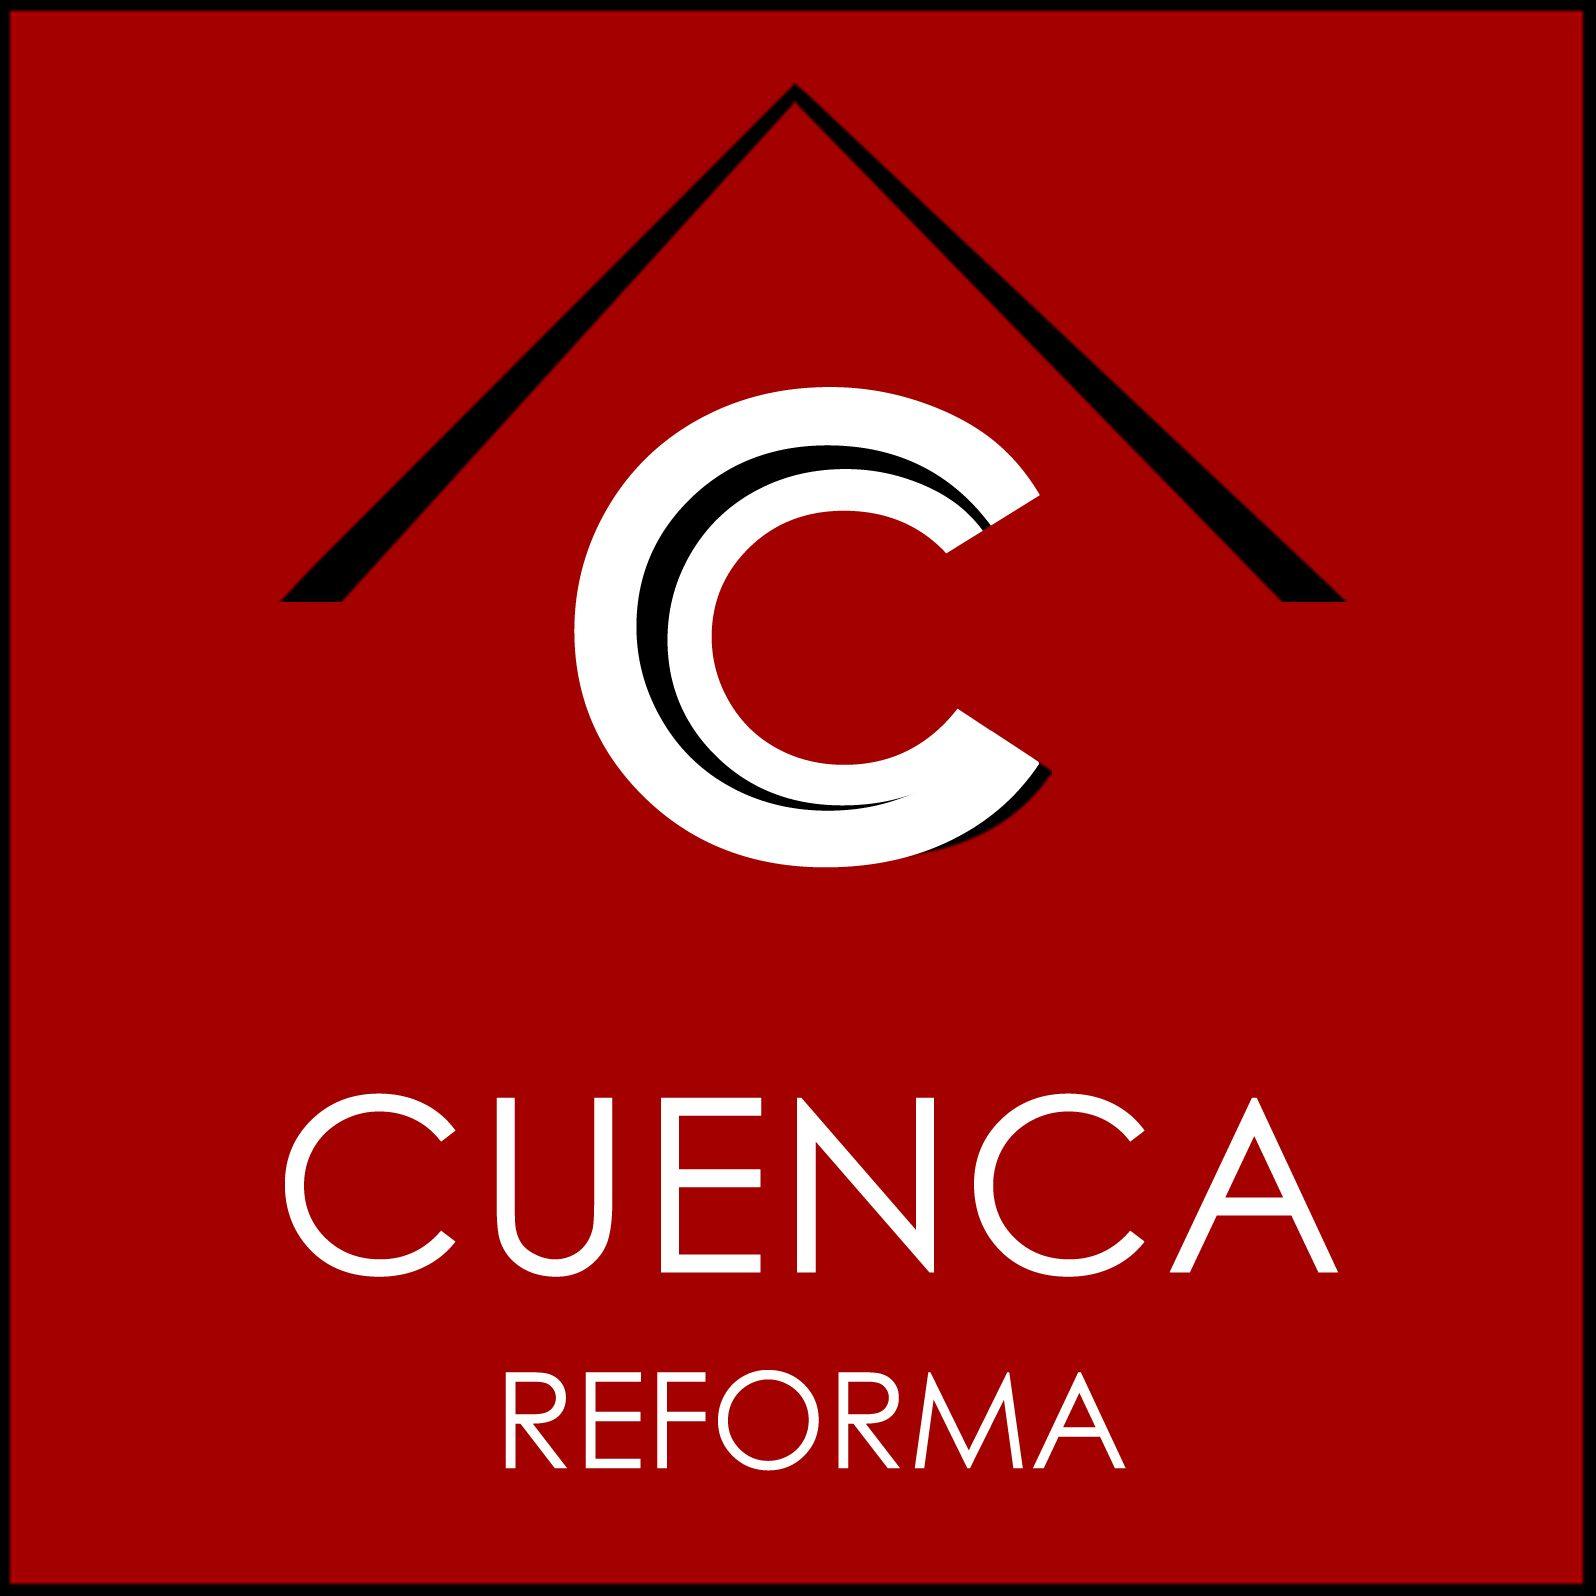 CuencaReforma